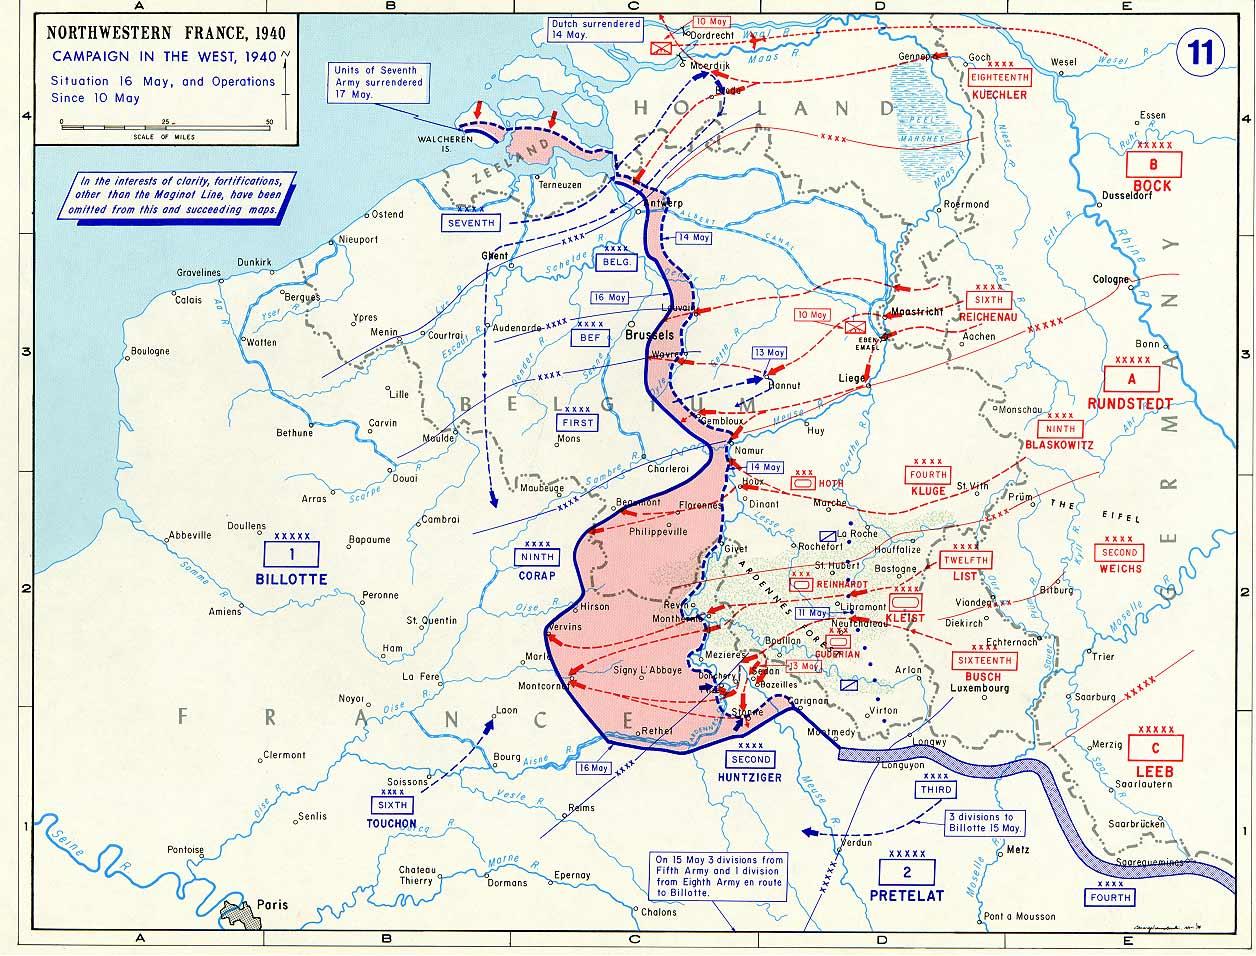 France Battles Battle of France 1940 The